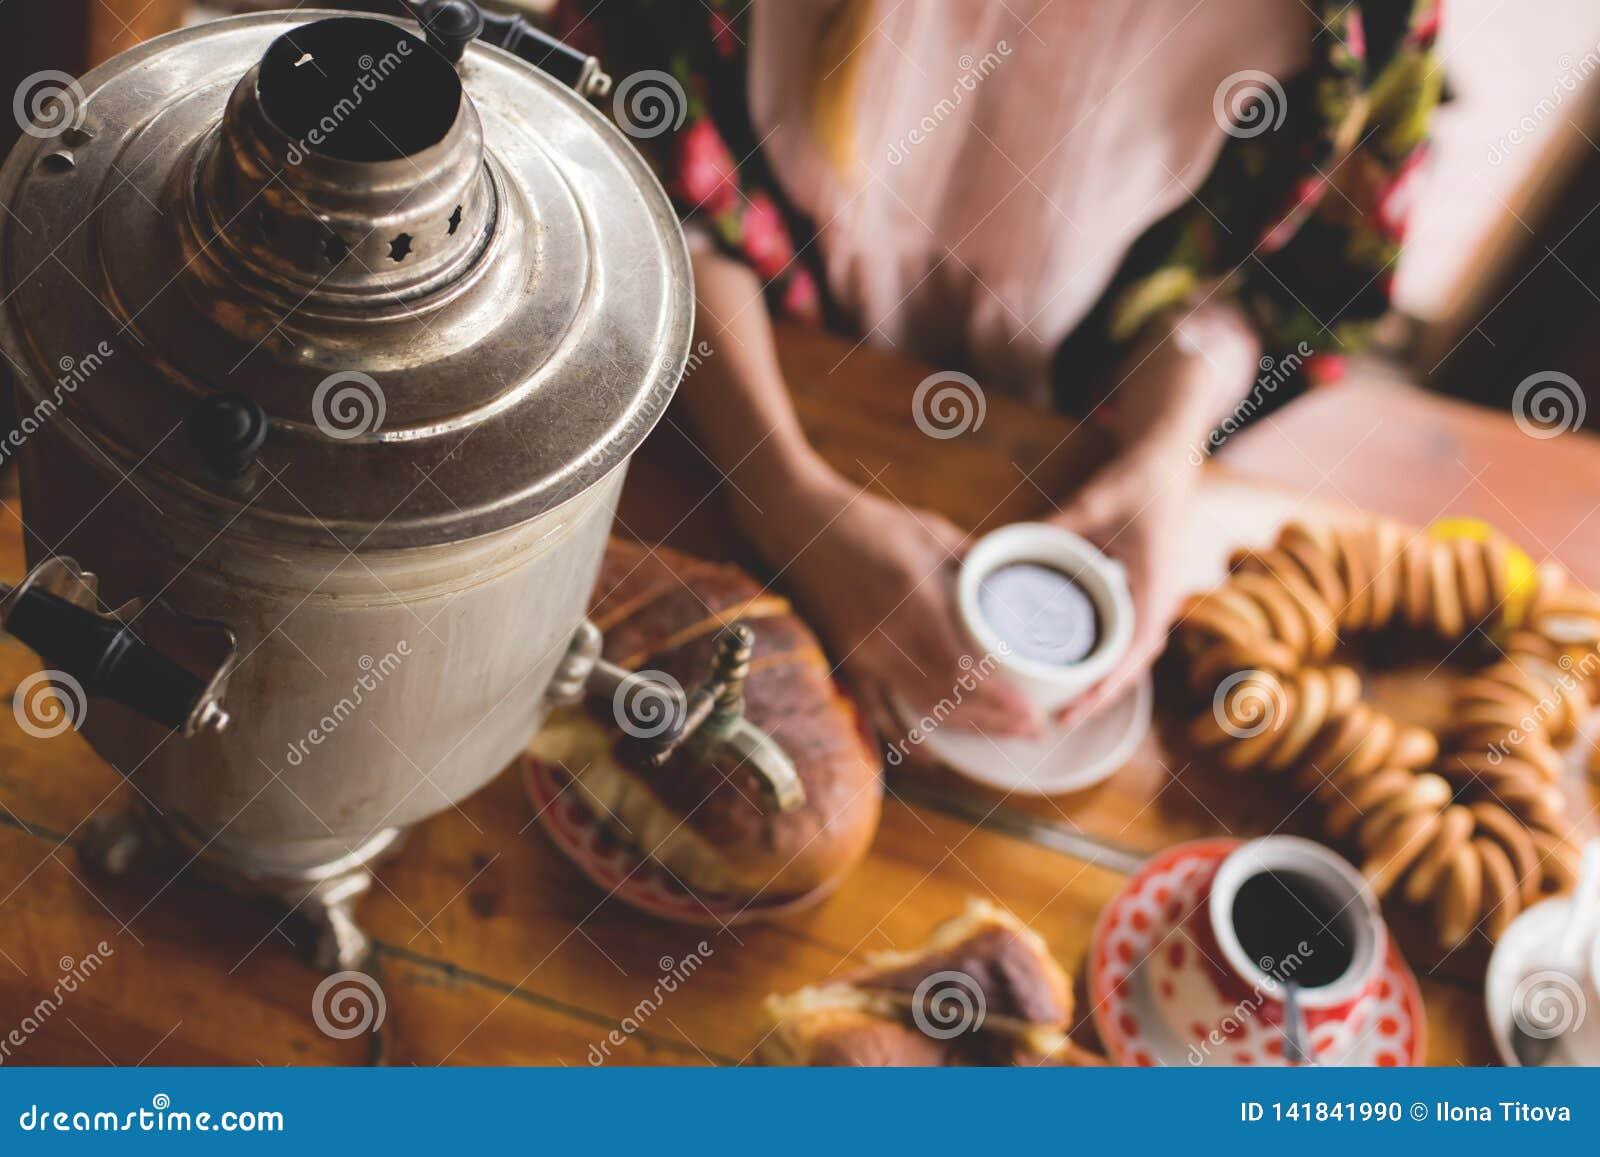 Herbata, tradycyjni rosjanów naczynia i fundy, samowar na stole ręki kobieta w krajowej chustce trzymamy filiżankę